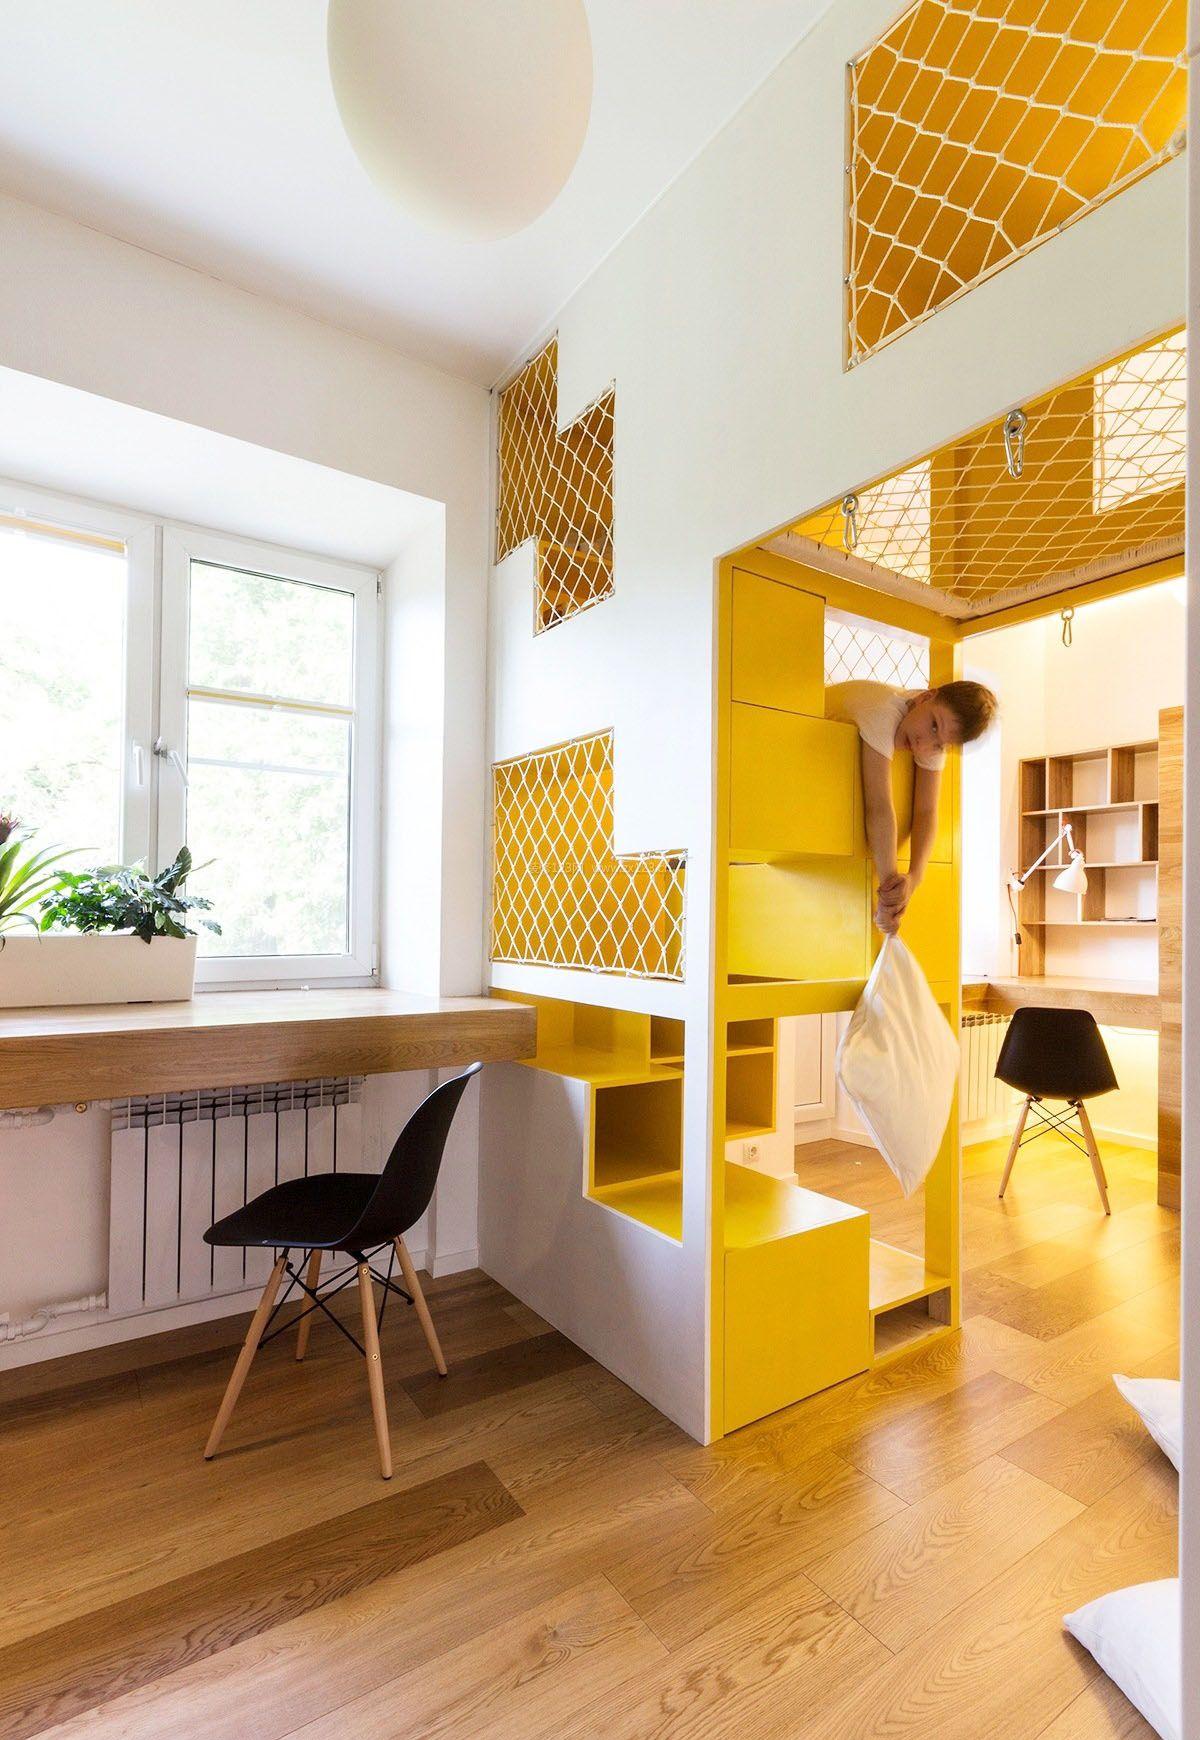 家庭简约房屋室内装修设计图